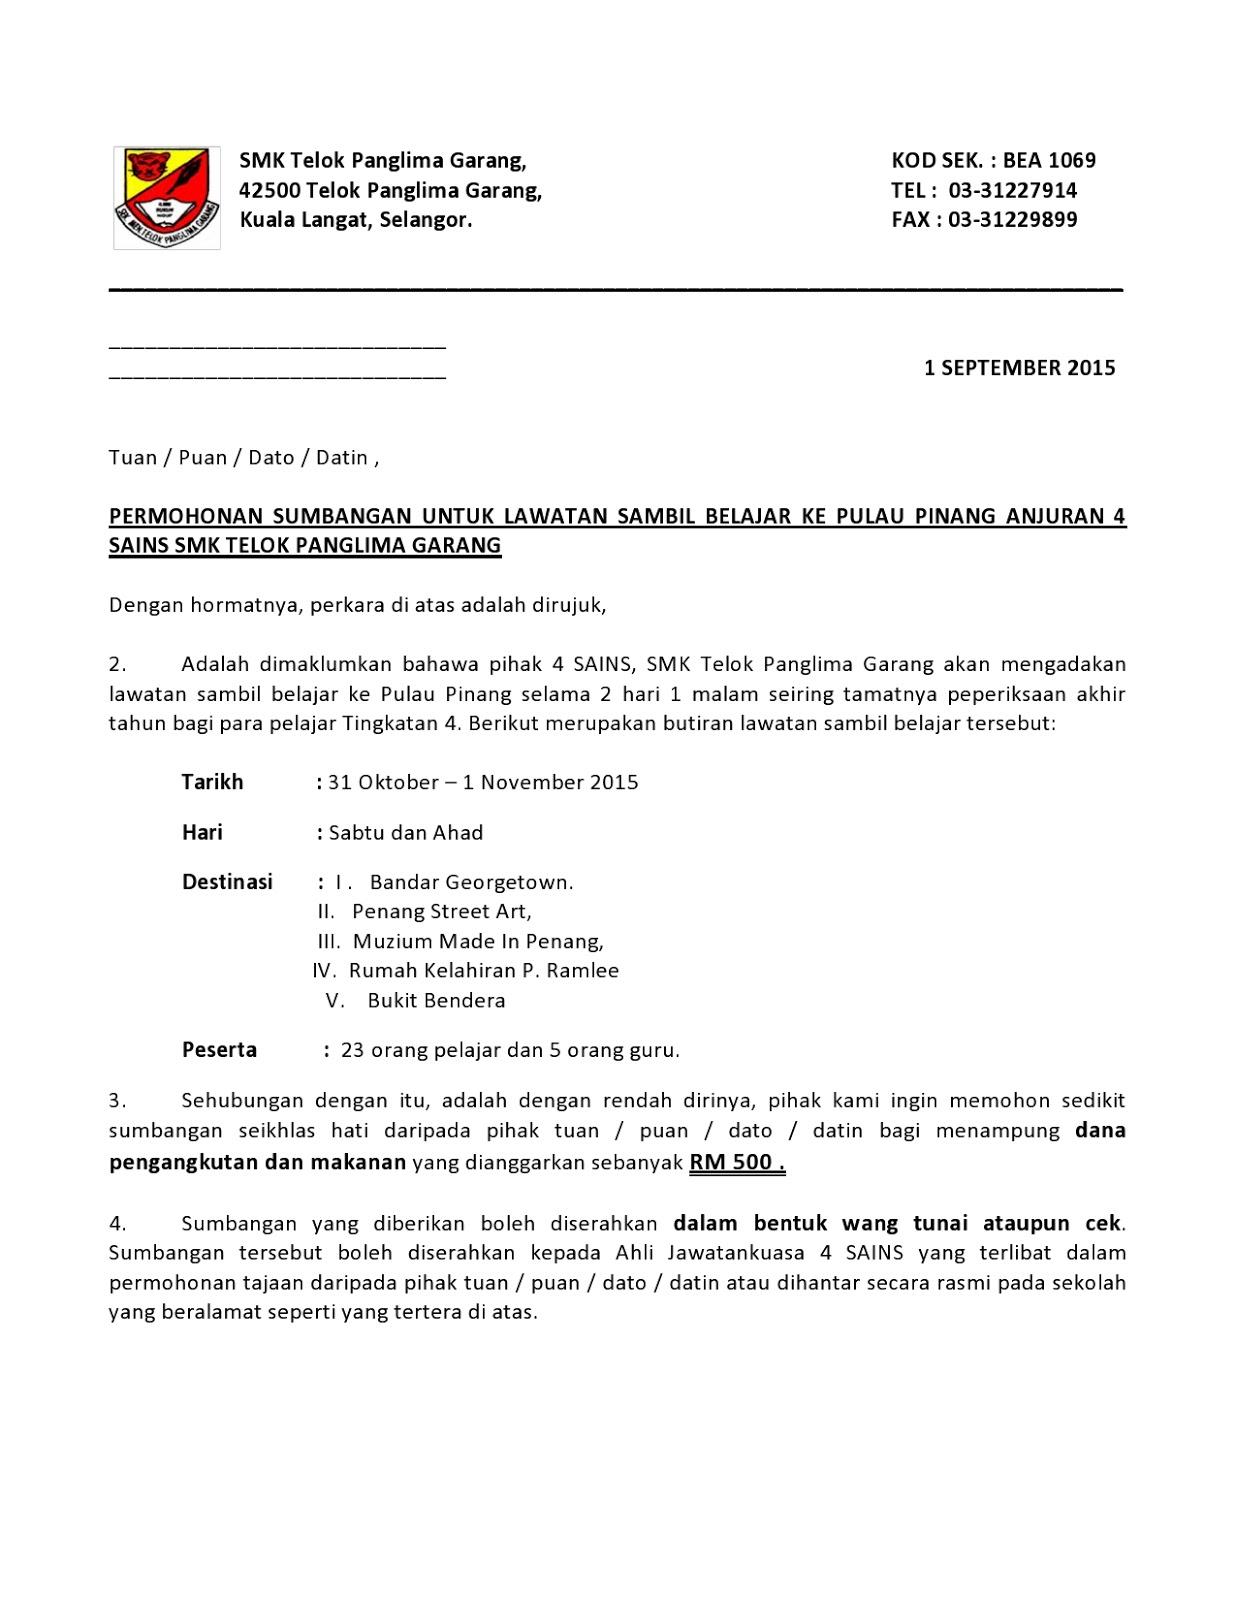 Contoh surat rasmi rayuan kepada lhdn contoh surat rasmi rayuan.